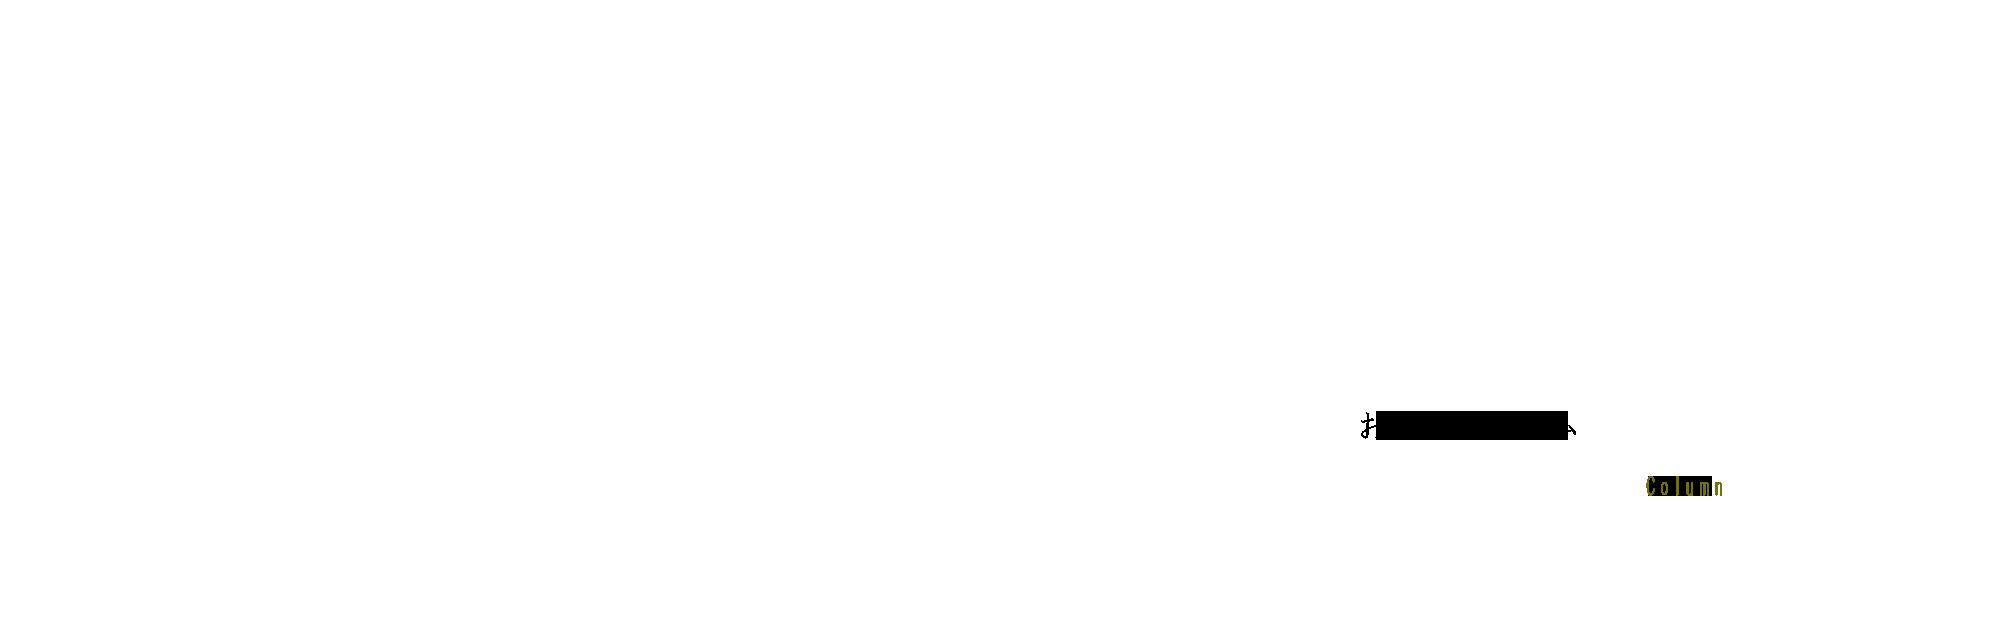 【摂津市千里丘】外壁塗装ができる業者 料金や実績などを考慮して選ぶのがおすすめ